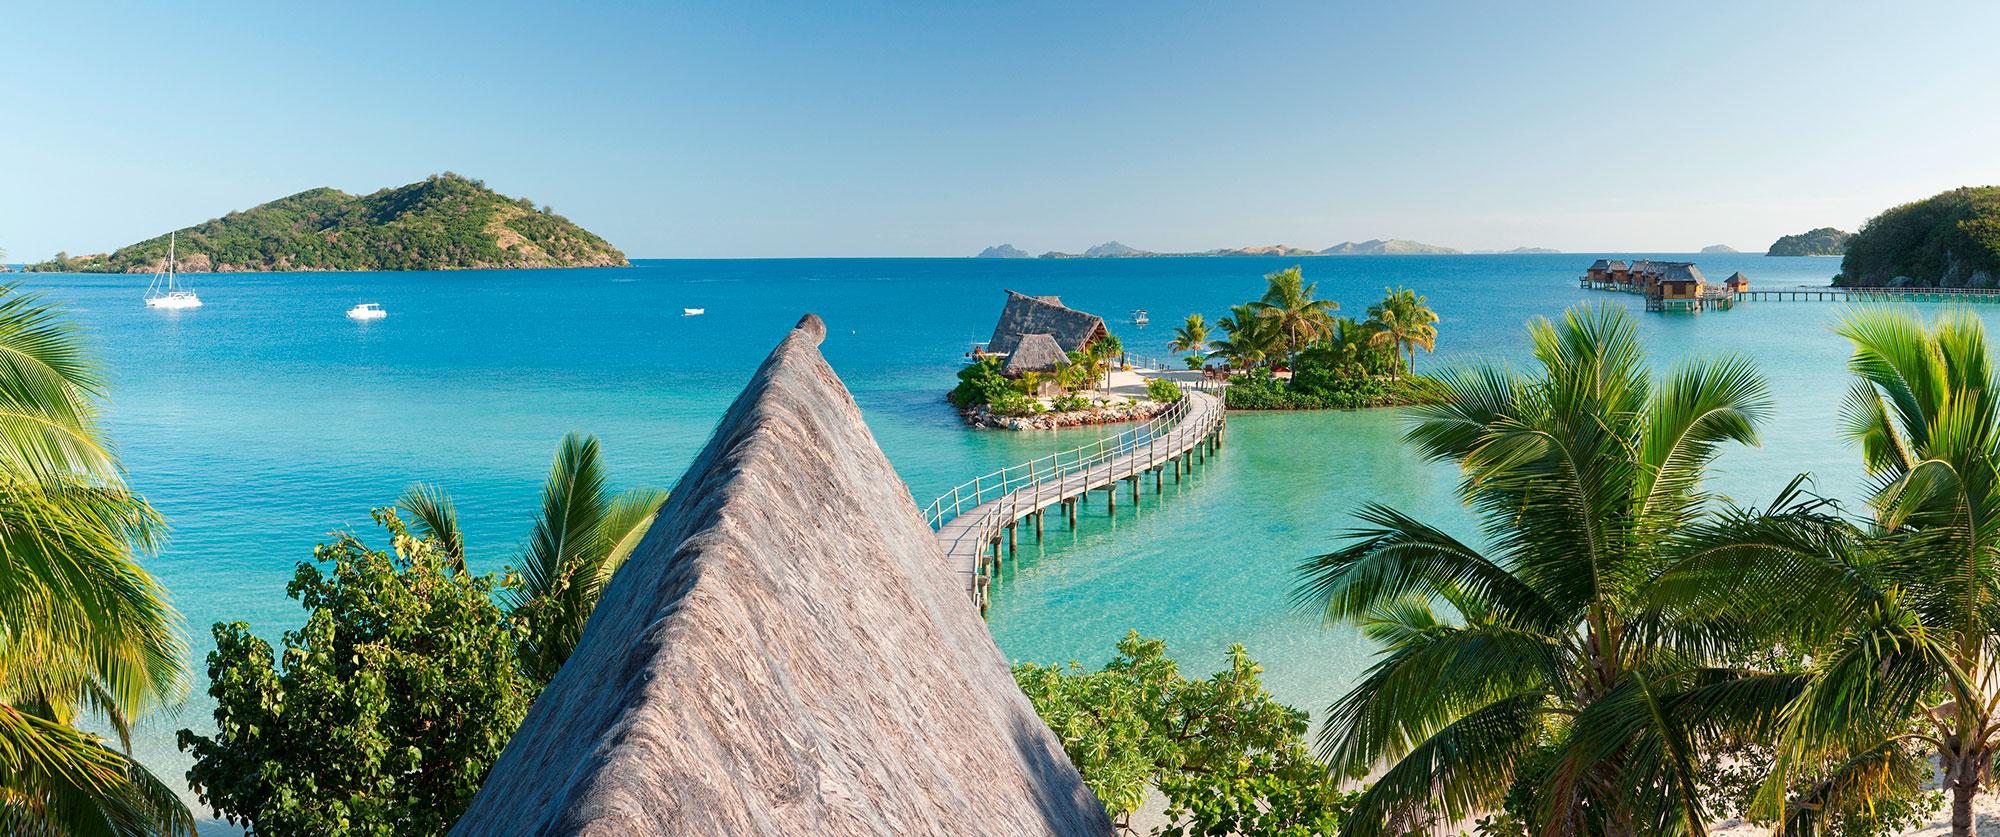 Fiji Overwater Bungalows: Fiji Beach Resort Vacation